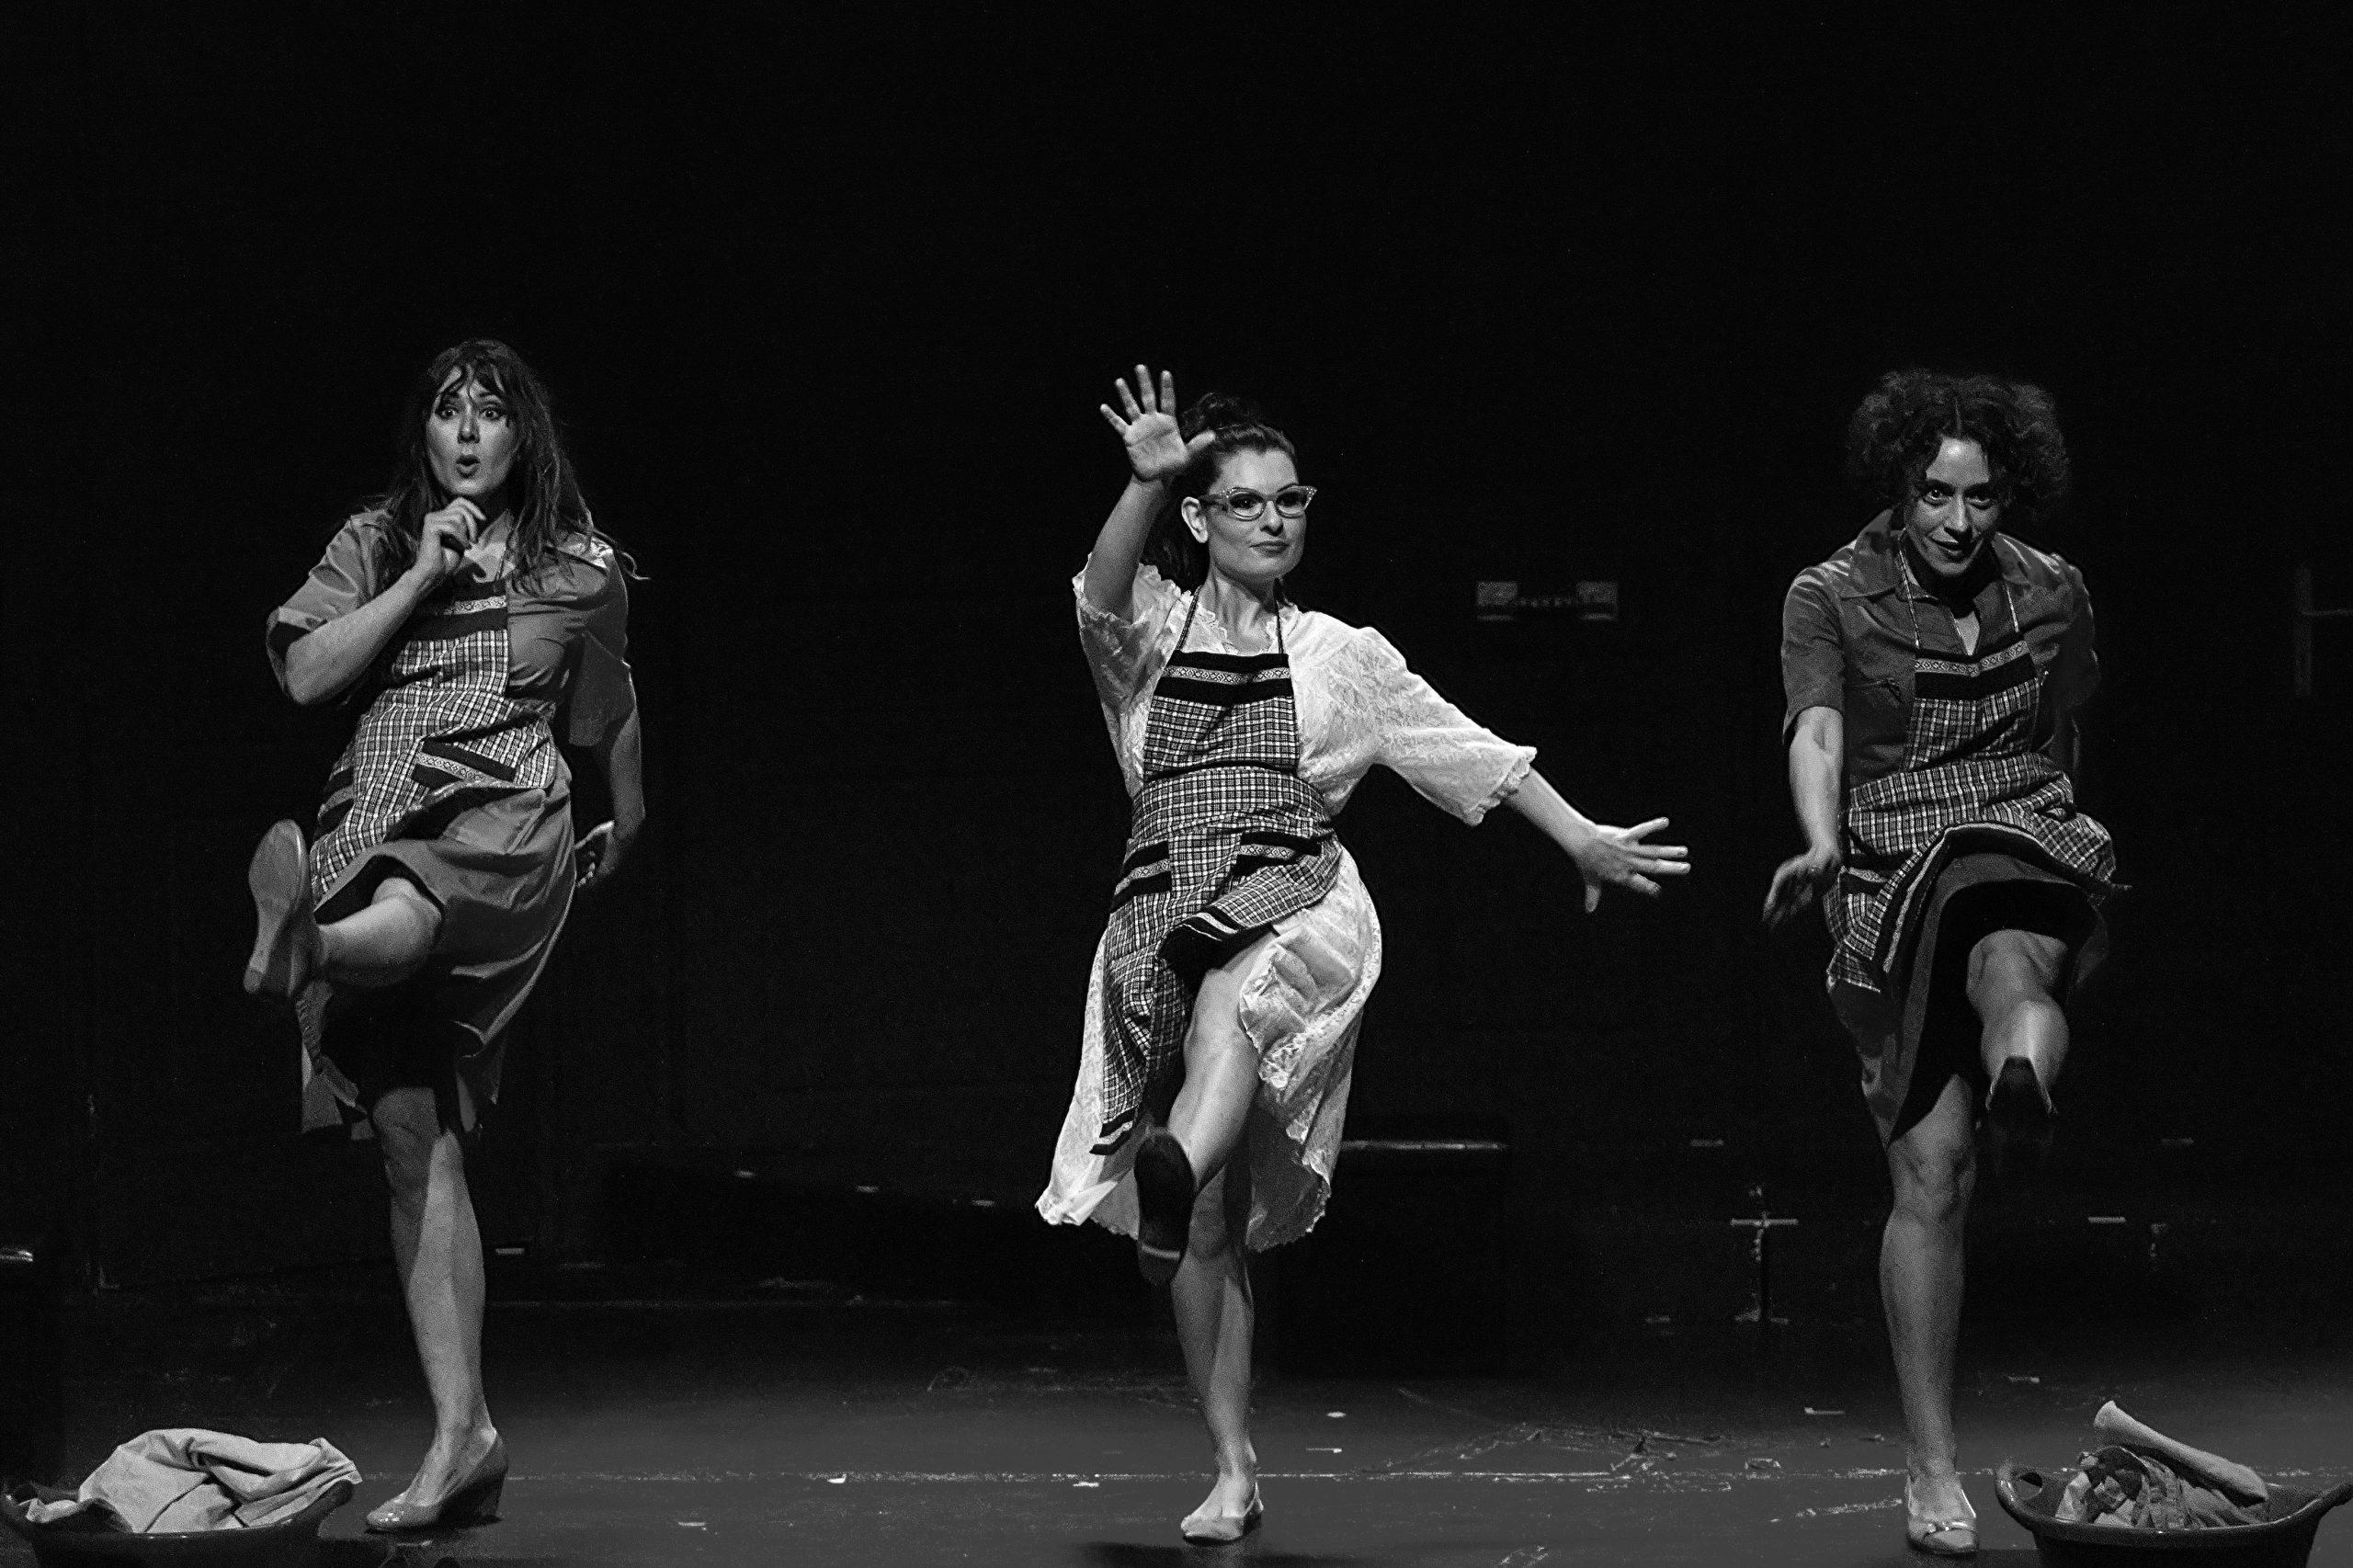 Αποτέλεσμα εικόνας για Η ομάδα Plan BEE παρουσιάζει την παράσταση SuperWoman, στη θεατρική σκηνή του Faust, κάθε Τετάρτη στις 20.30, από τις 29 Ιανουαρίου 2020 έως και τις 18 Μαρτίου 2020